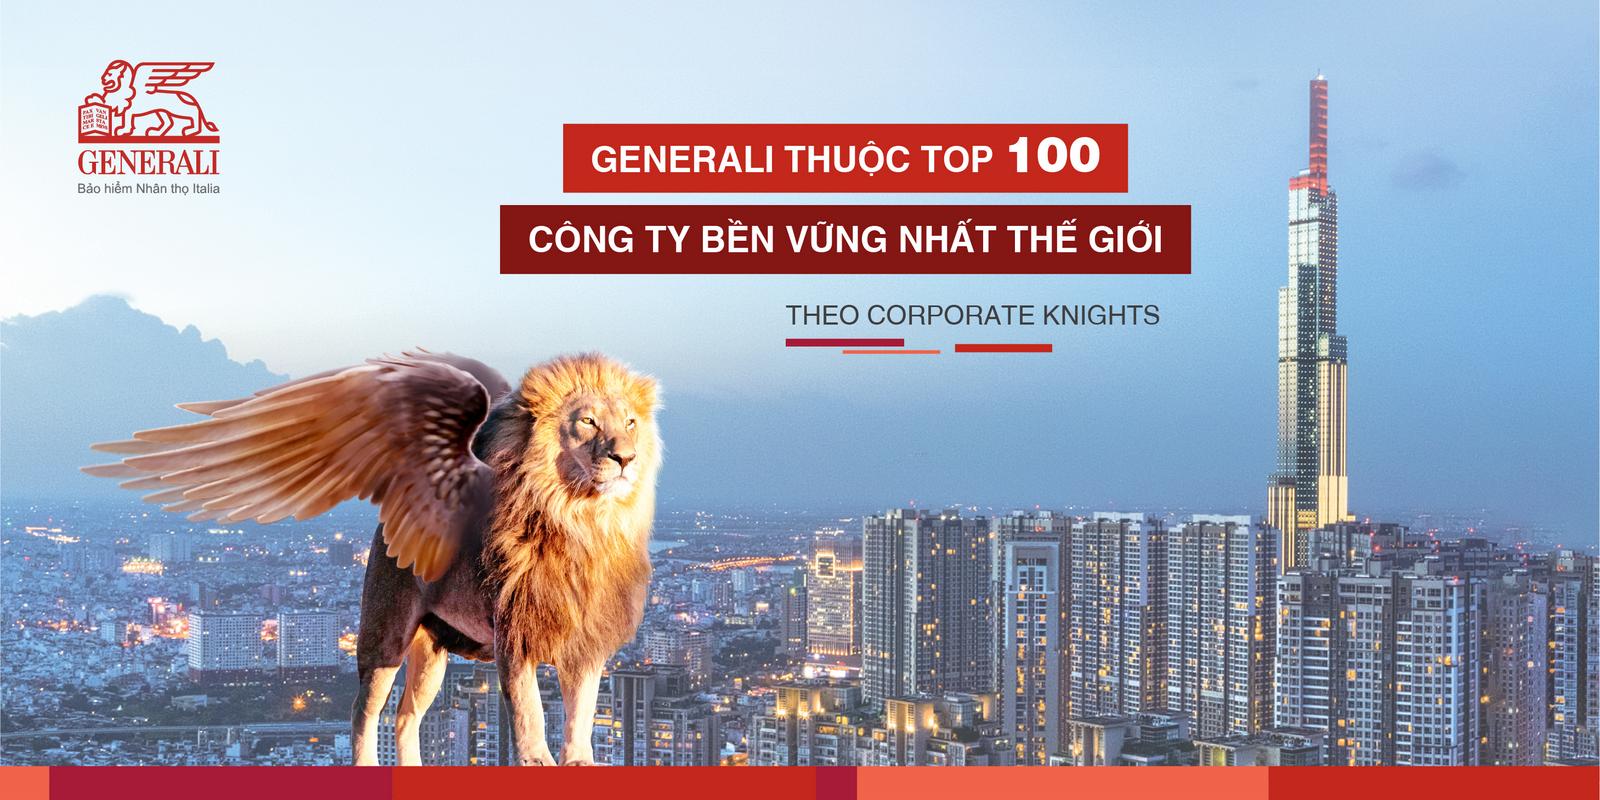 generali thuoc top 100 cong ty ben vung nhat the gioi